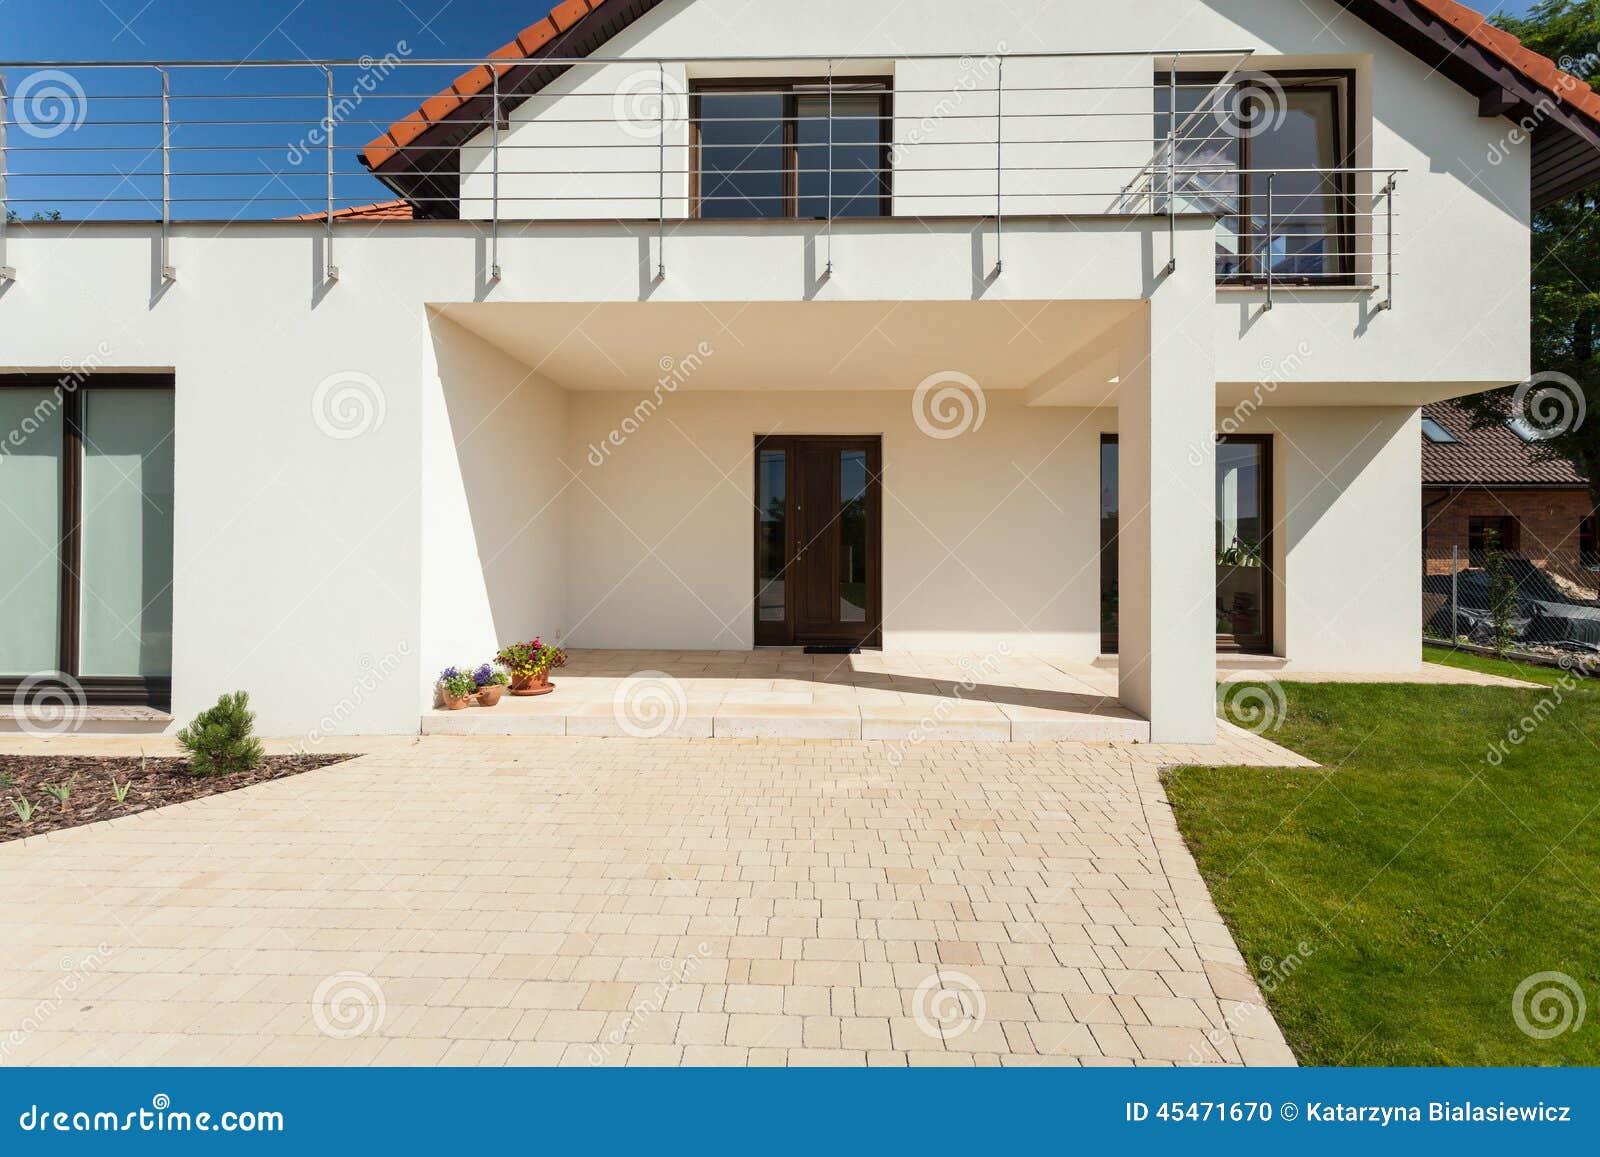 casa moderna architettura moderna : Entrada ? Casa Moderna Foto de Stock - Imagem: 45471670